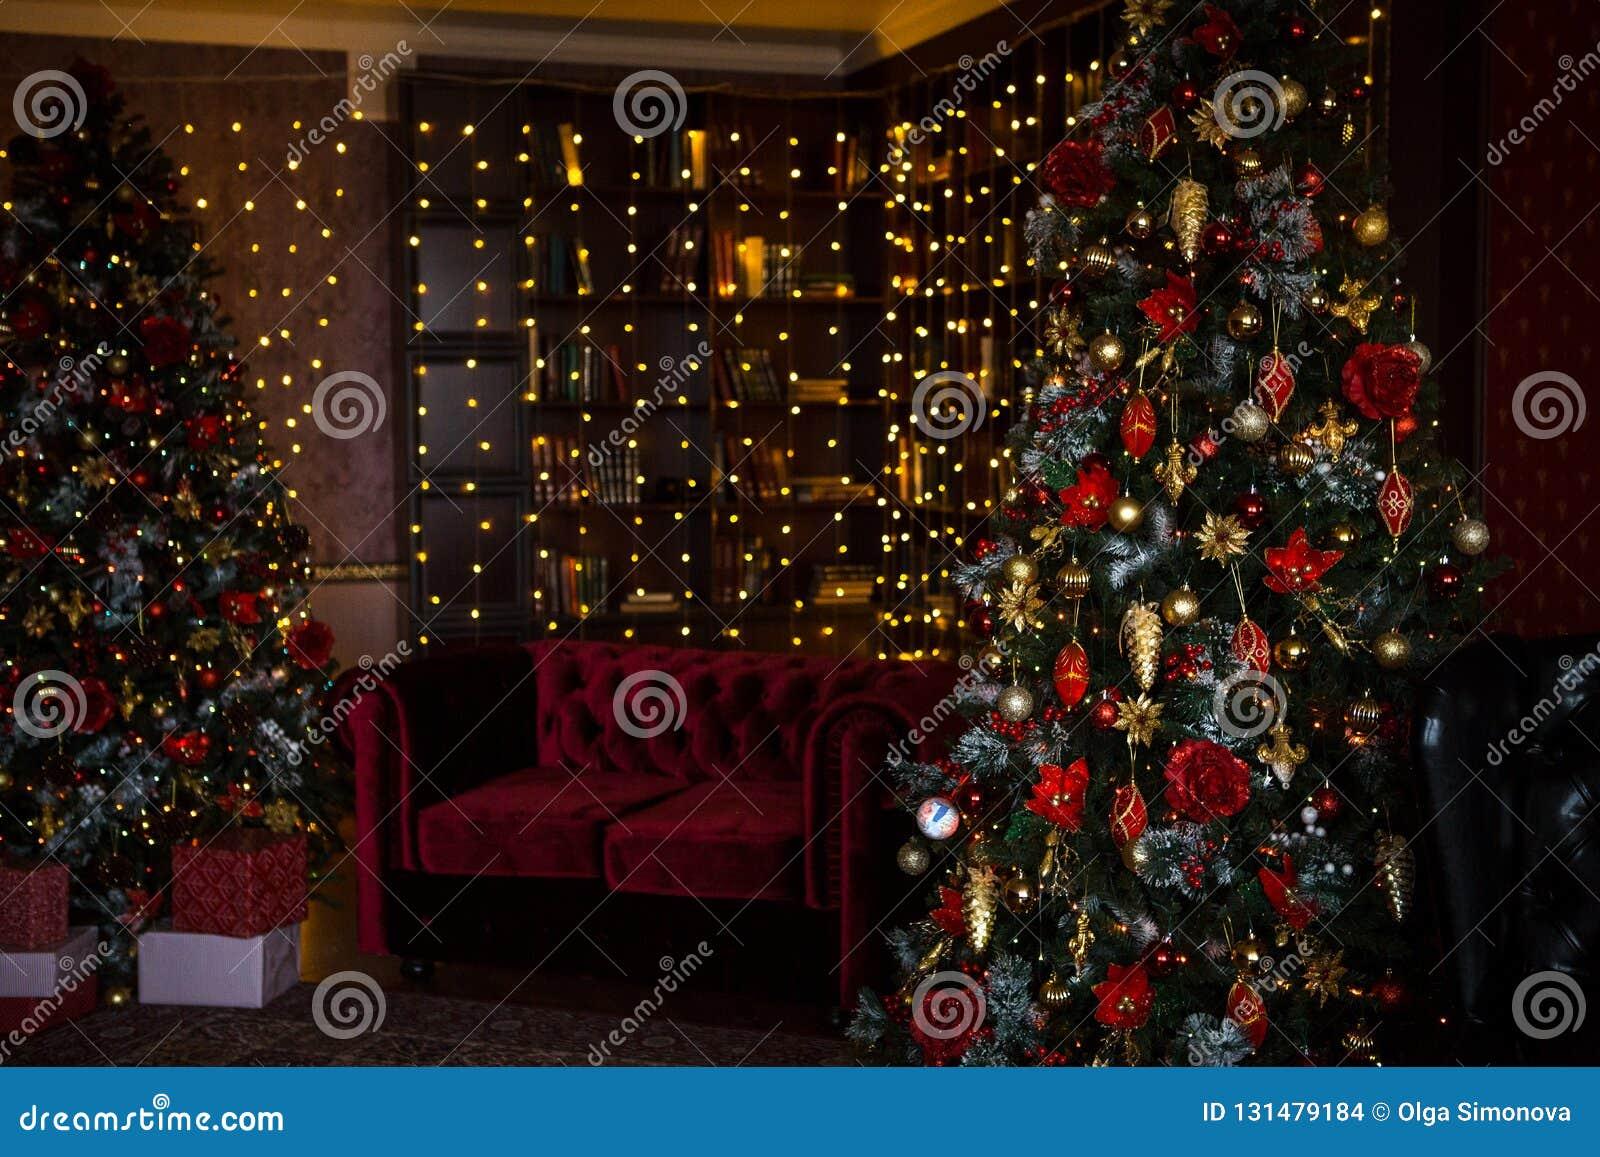 Guirnaldas interiores de las luces del hogar del día de fiesta del árbol de navidad, y decoraciones caseras